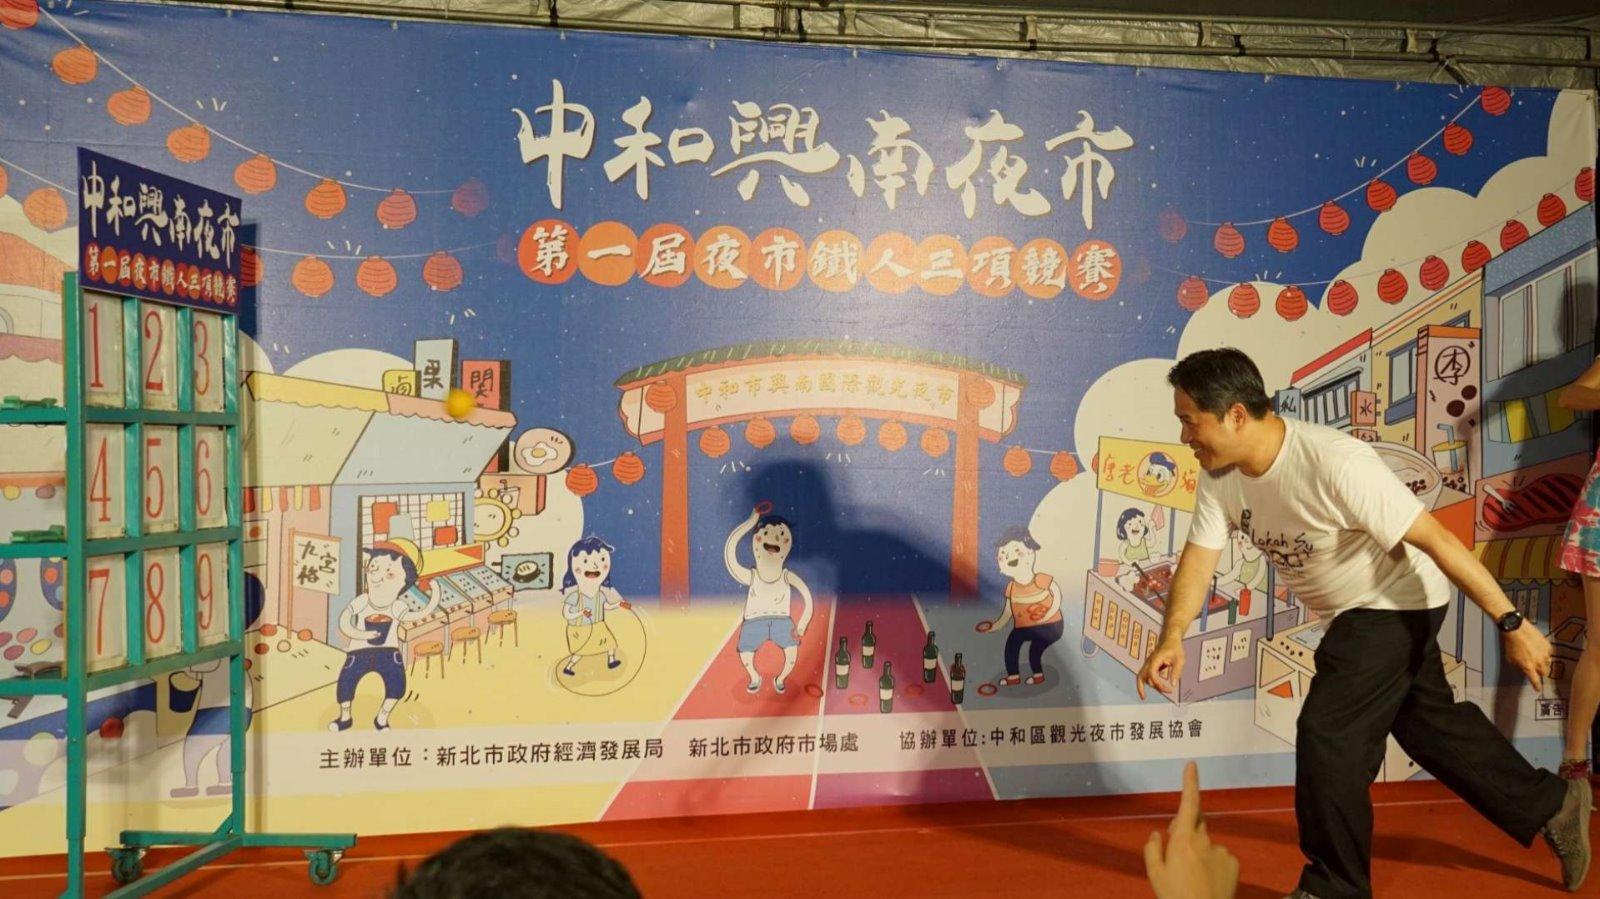 第一屆夜市鐵人三項競賽,由新北市副市長吳明機擔任開球嘉賓,為參賽者加油打氣